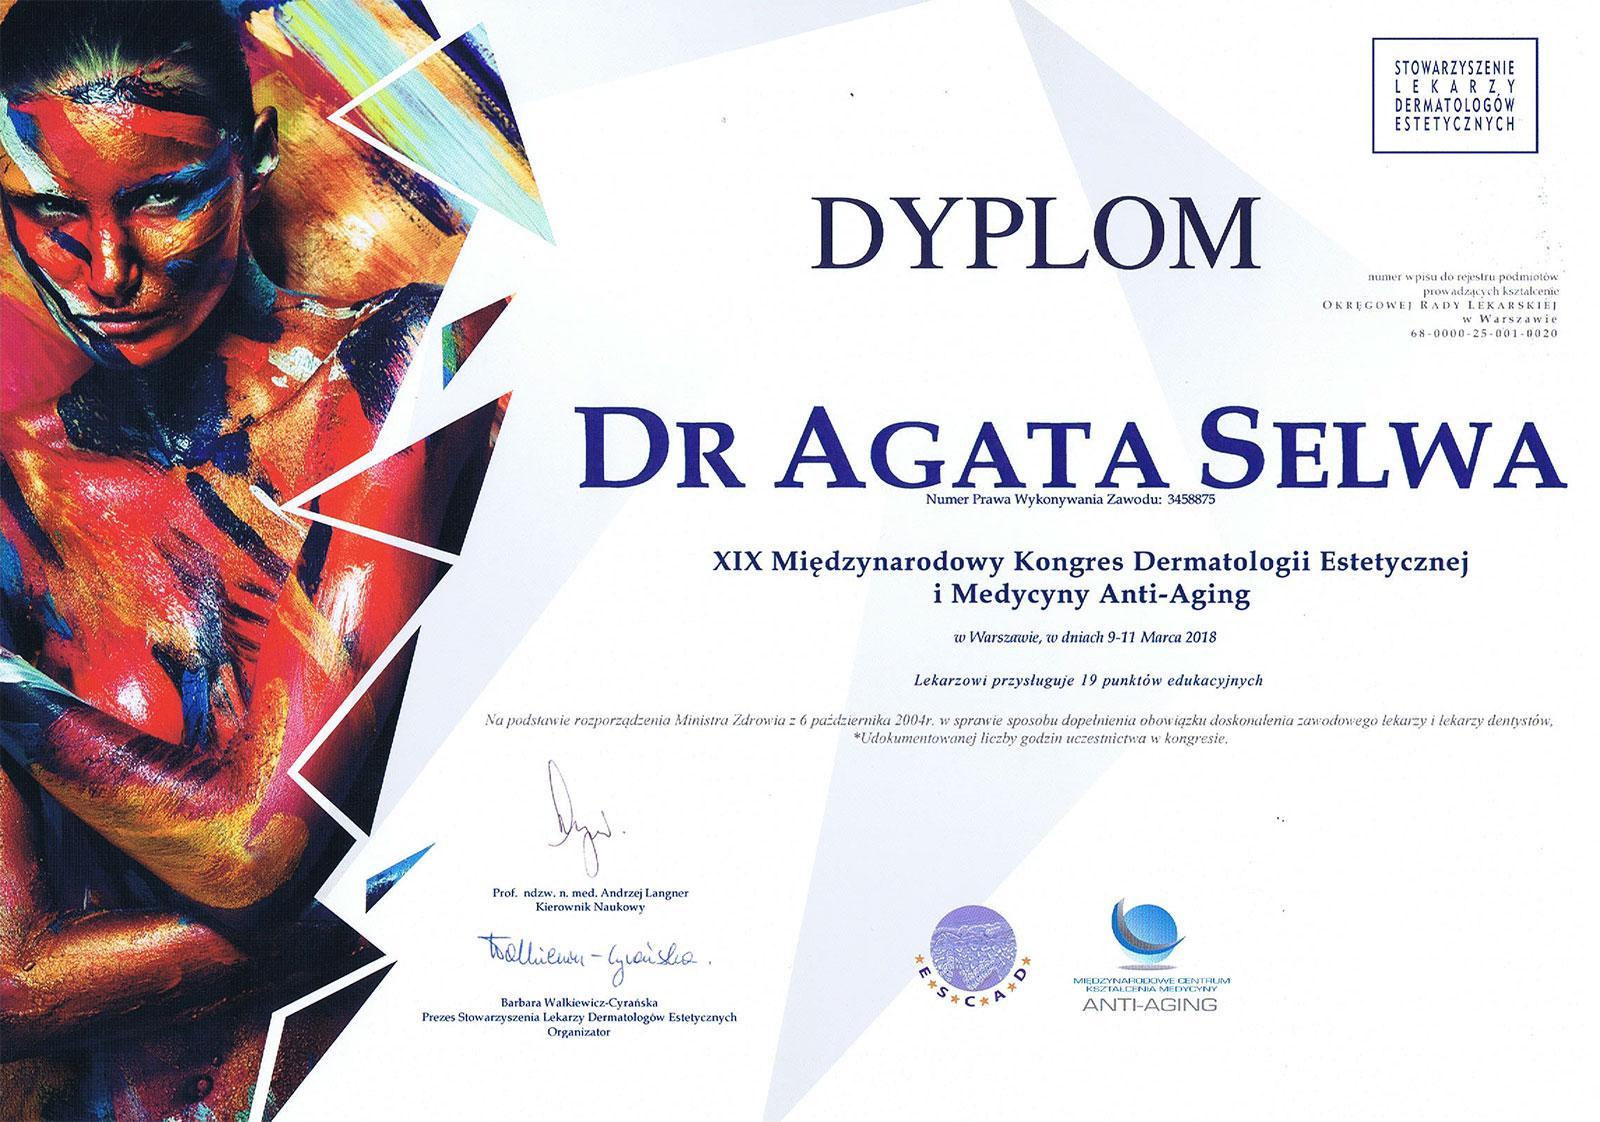 certyfikat dermatologia estetyczna 2018 - O MNIE